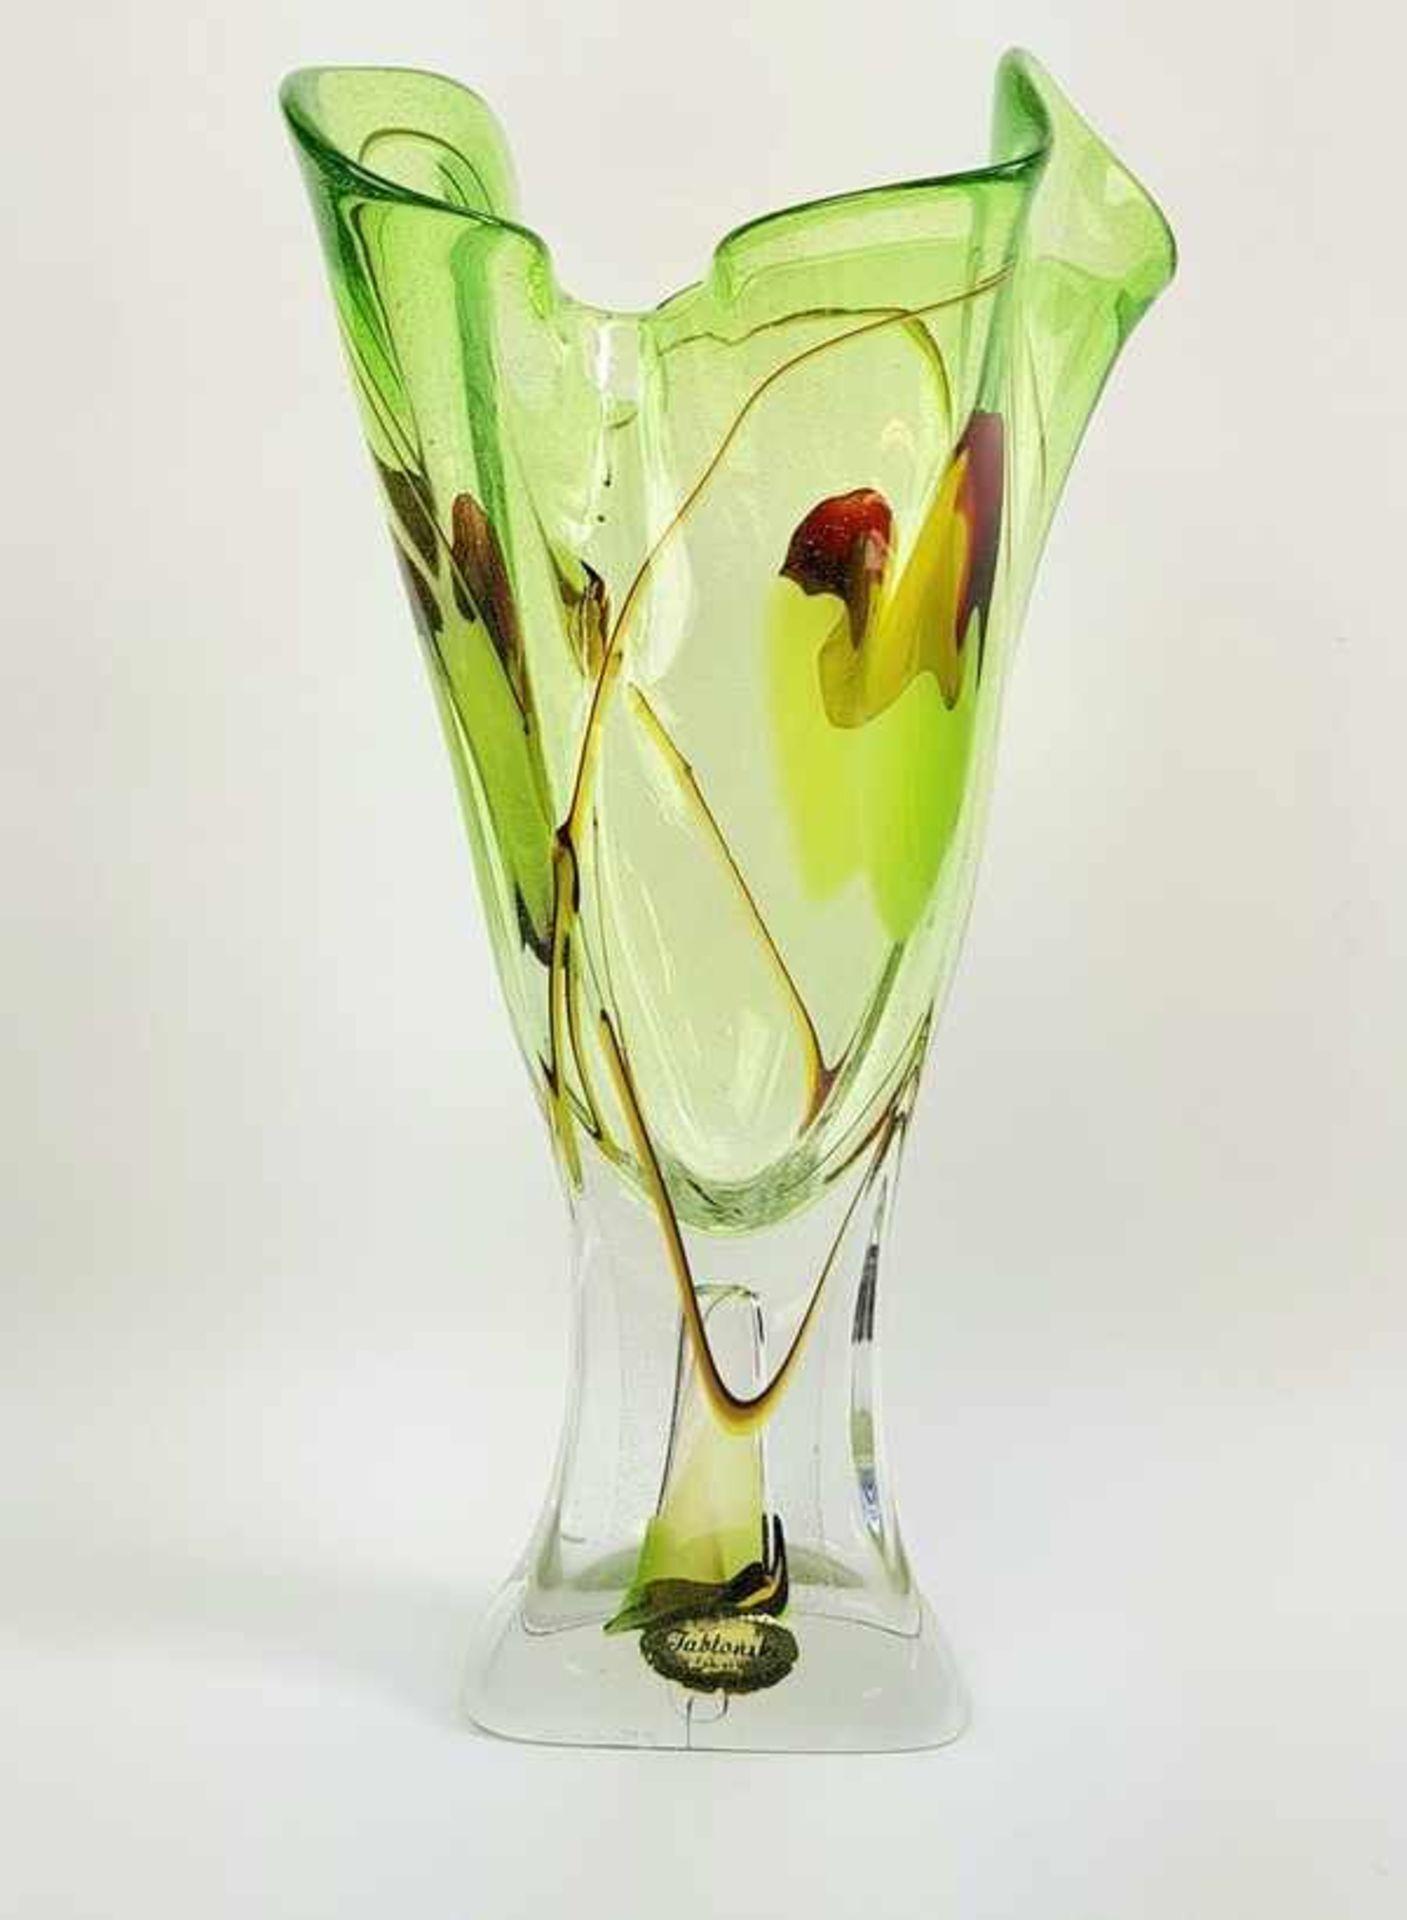 Los 278 - (Toegepaste kunst) Kristallen vaas, Adam Jablonski